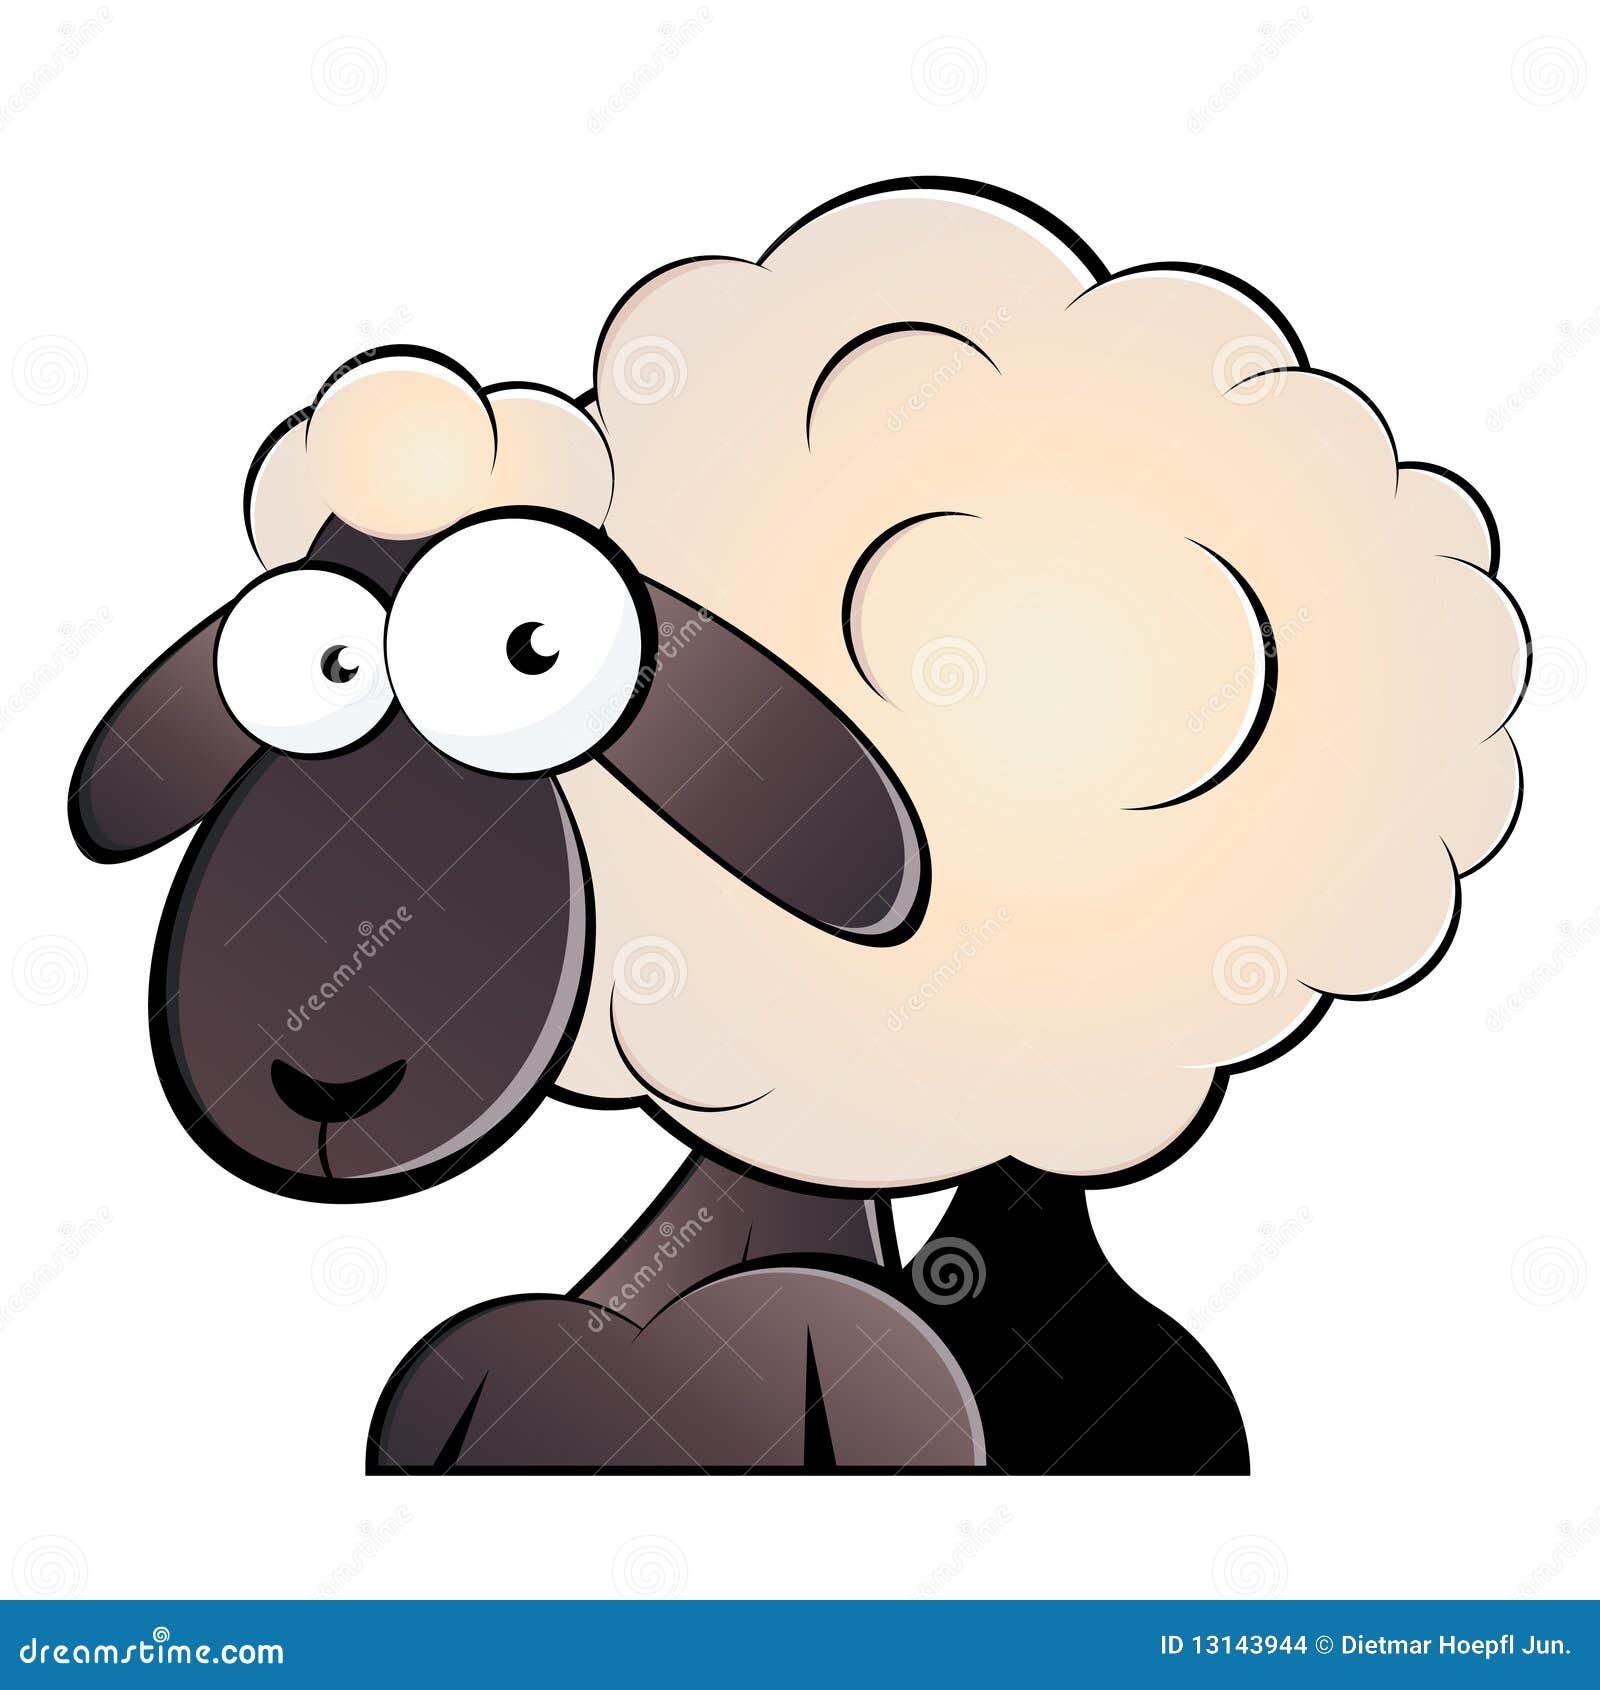 Dessin anim de moutons images stock image 13143944 - Mouton dessin anime ...